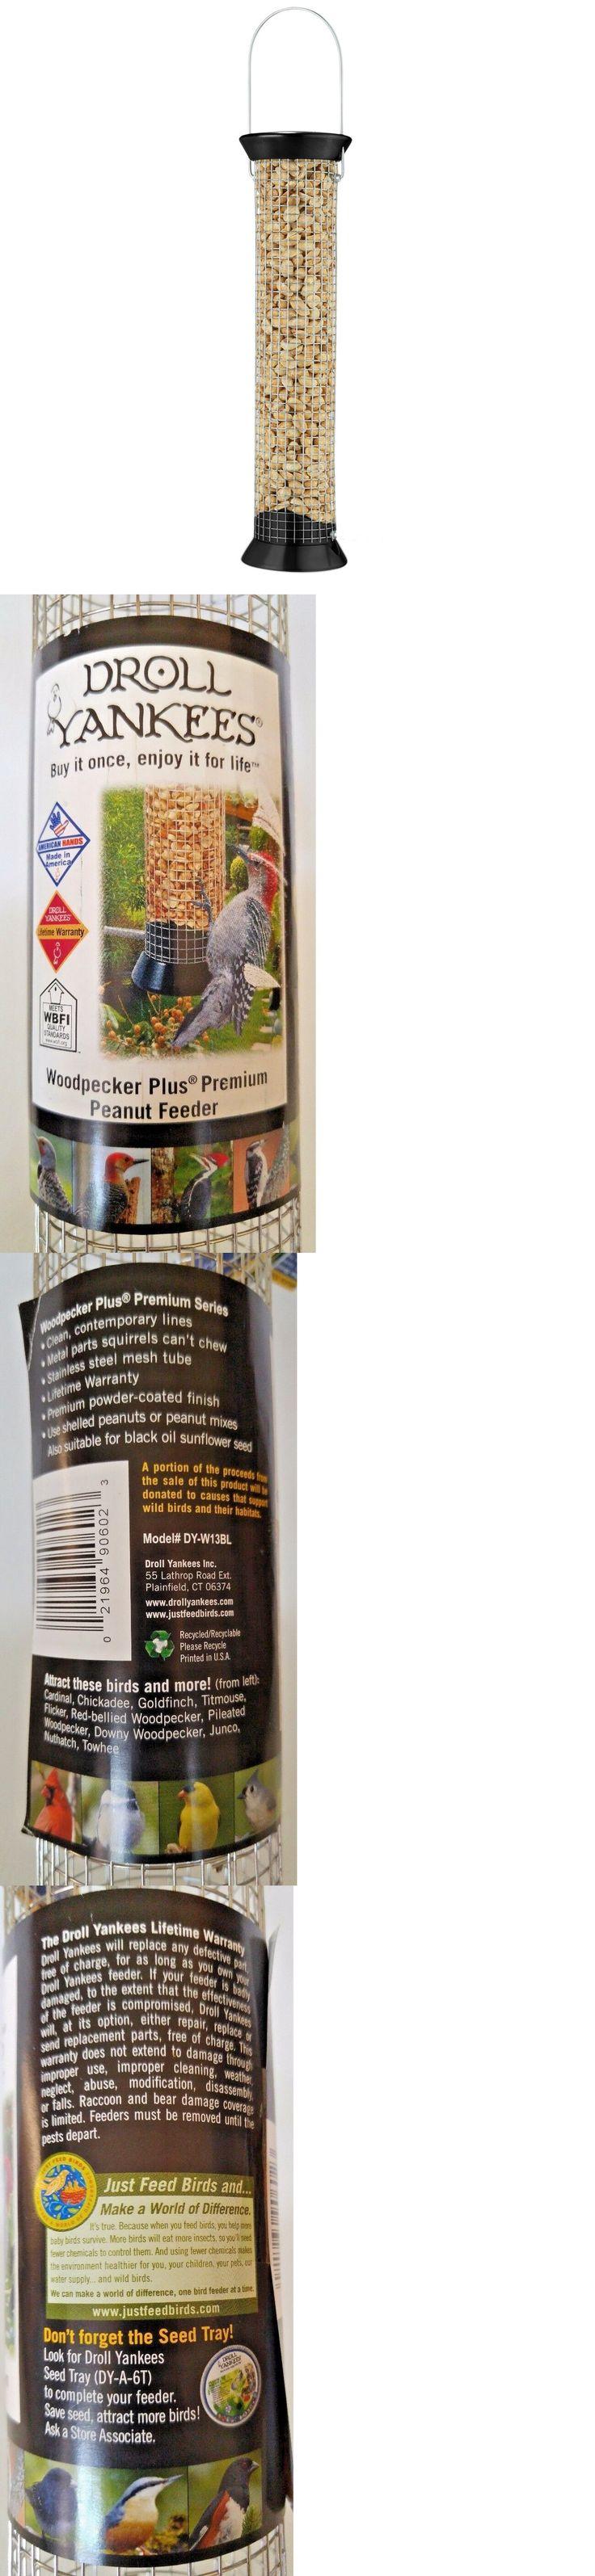 Seed Feeders 42350: Droll Yankees 13 Woodpecker Plus Premium Peanut Feeder Metal Wild Bird New -> BUY IT NOW ONLY: $34.99 on eBay!